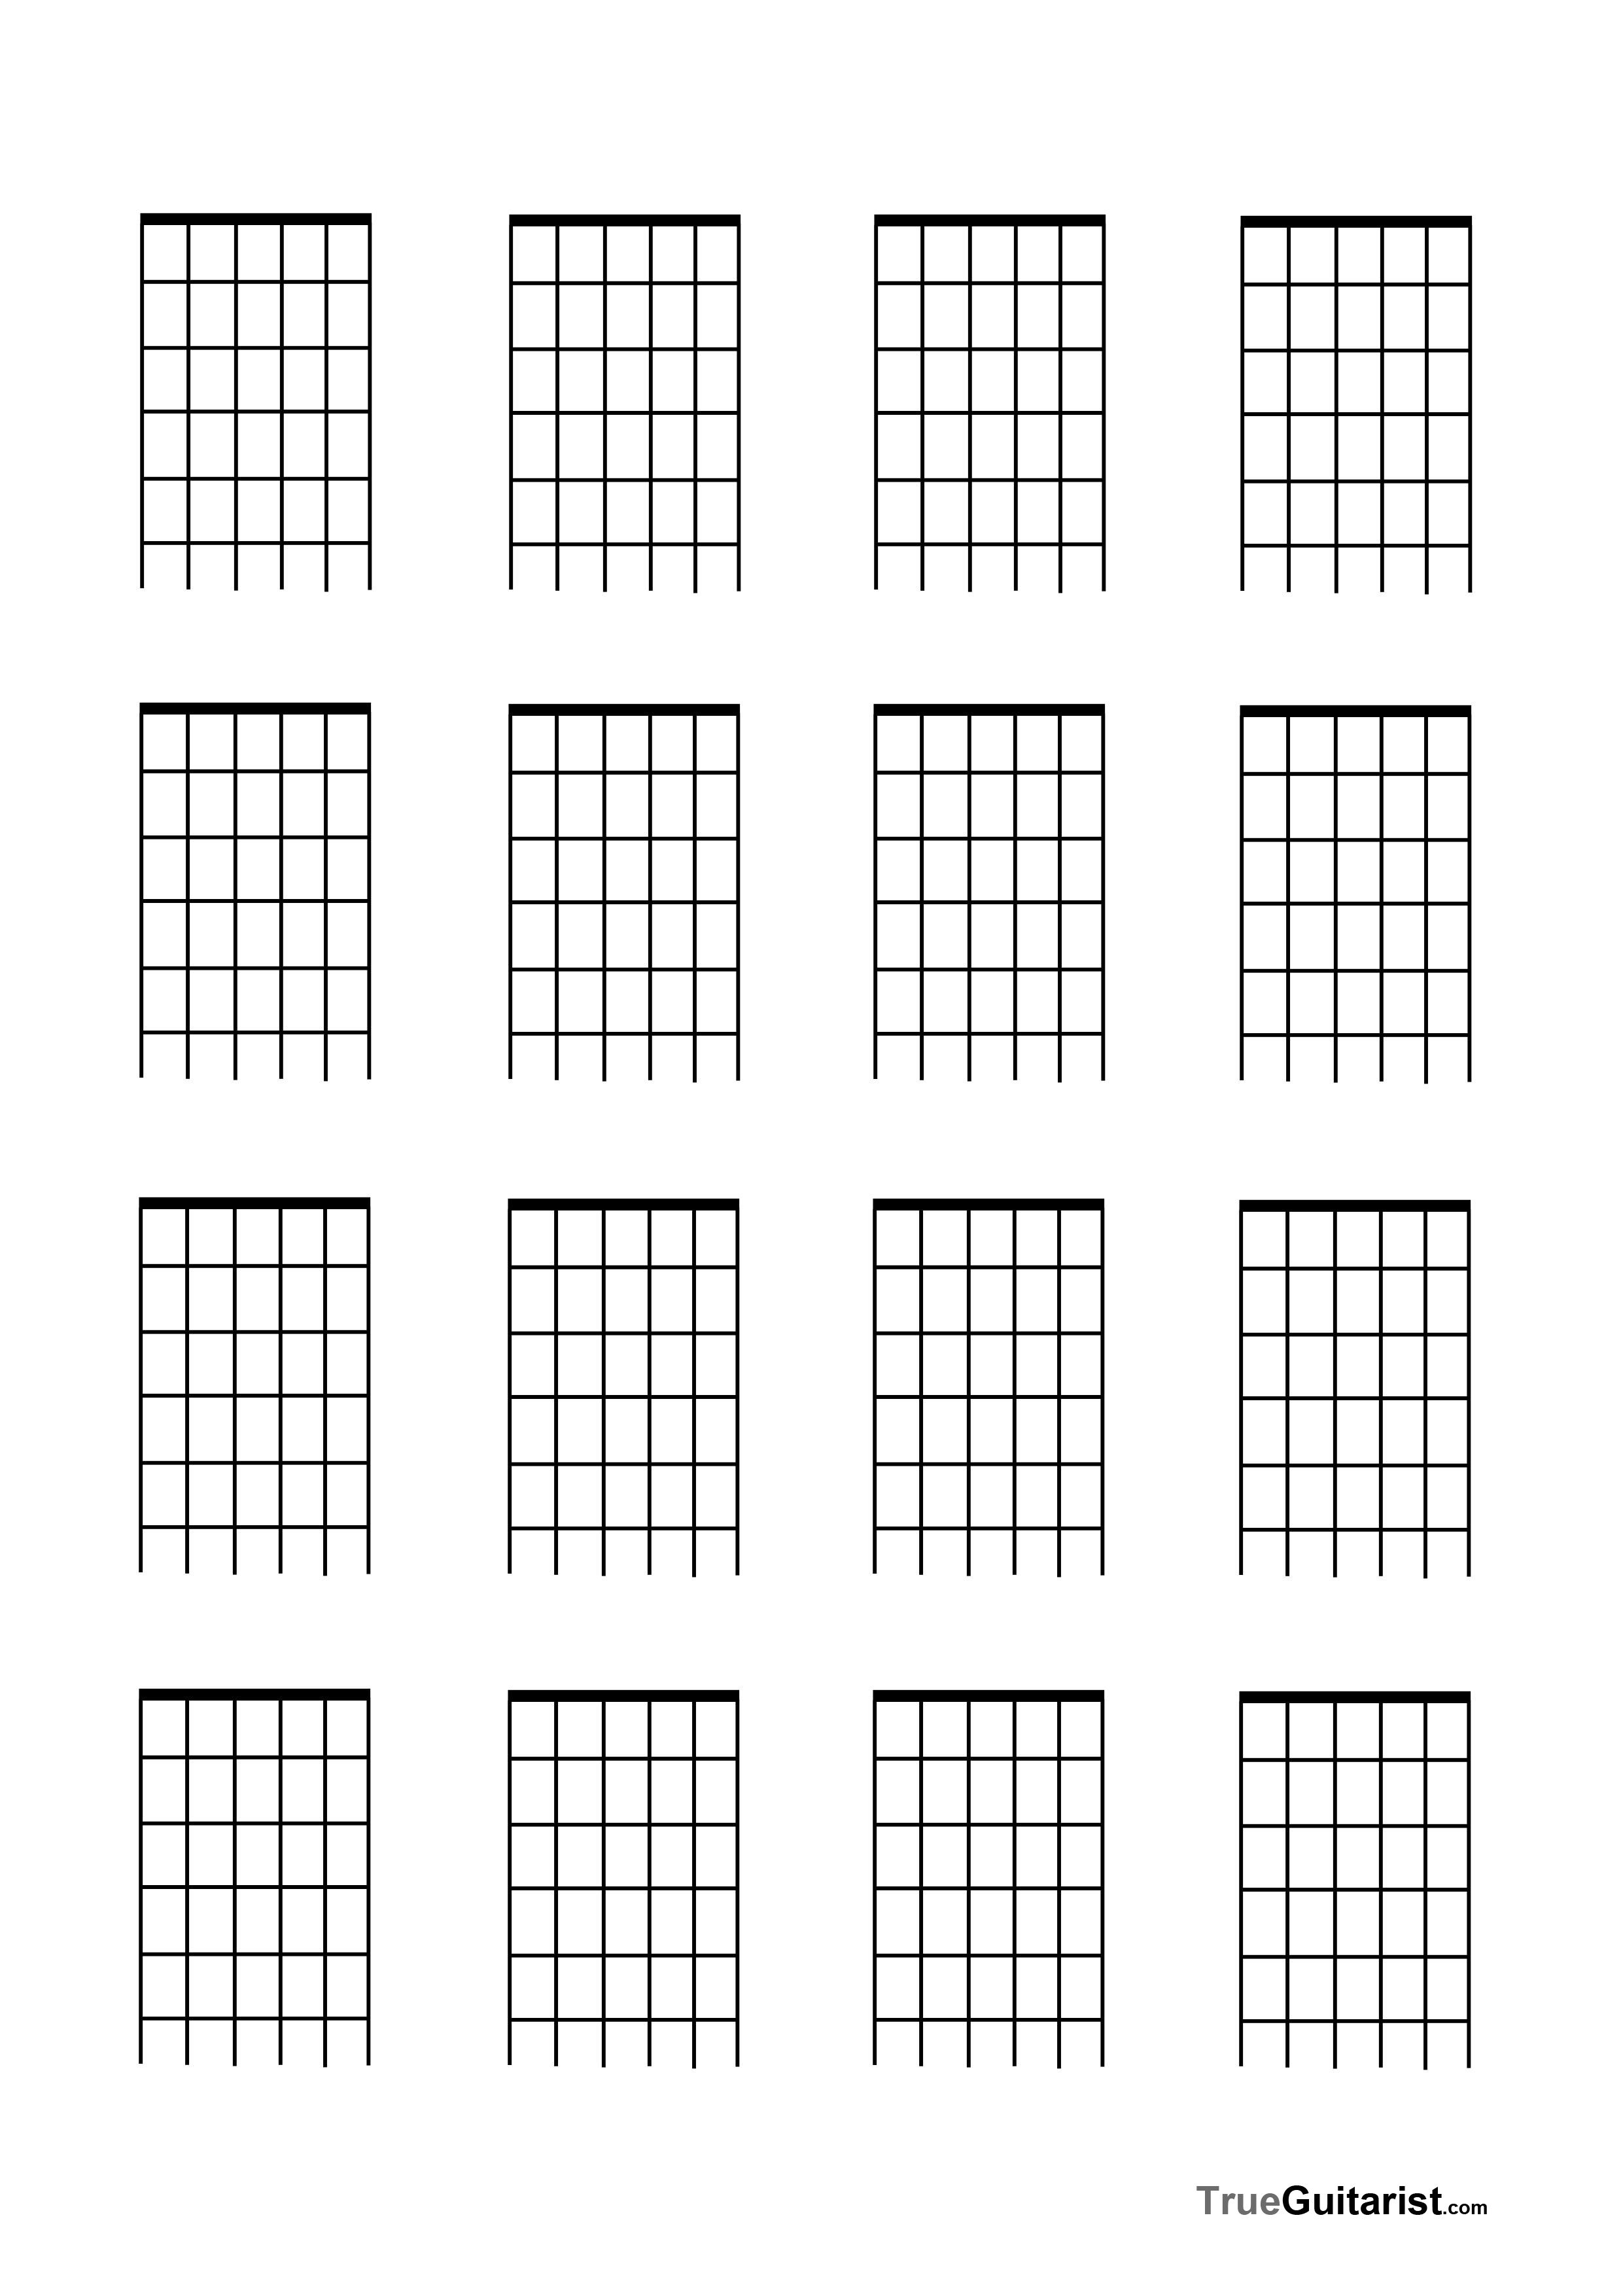 Pin by Jessica Avery on MATT | Guitar fretboard chart